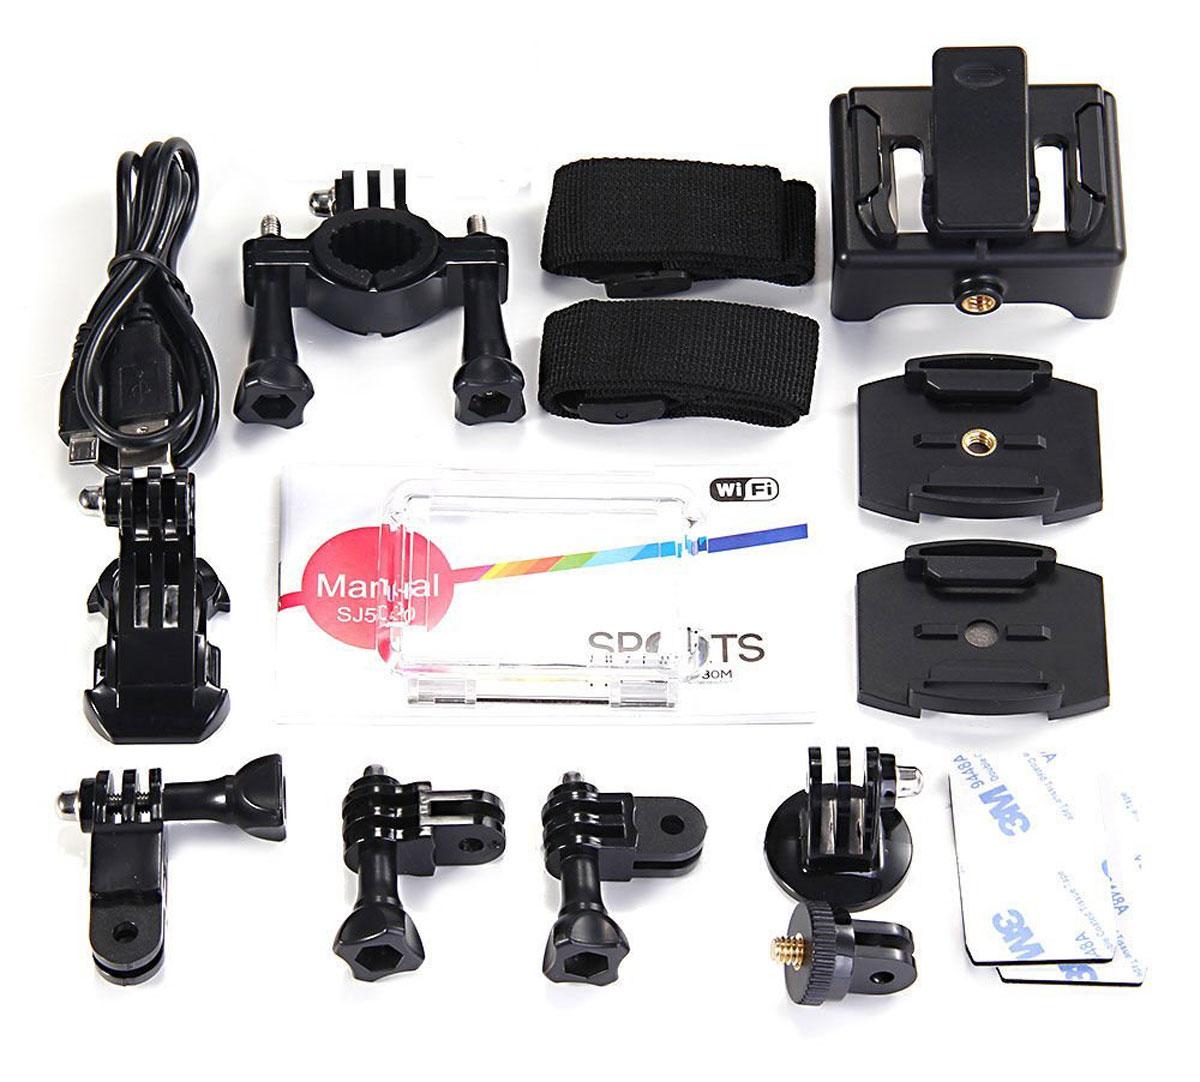 SJCAM SJ5000 WiFi, Black экшн-камера